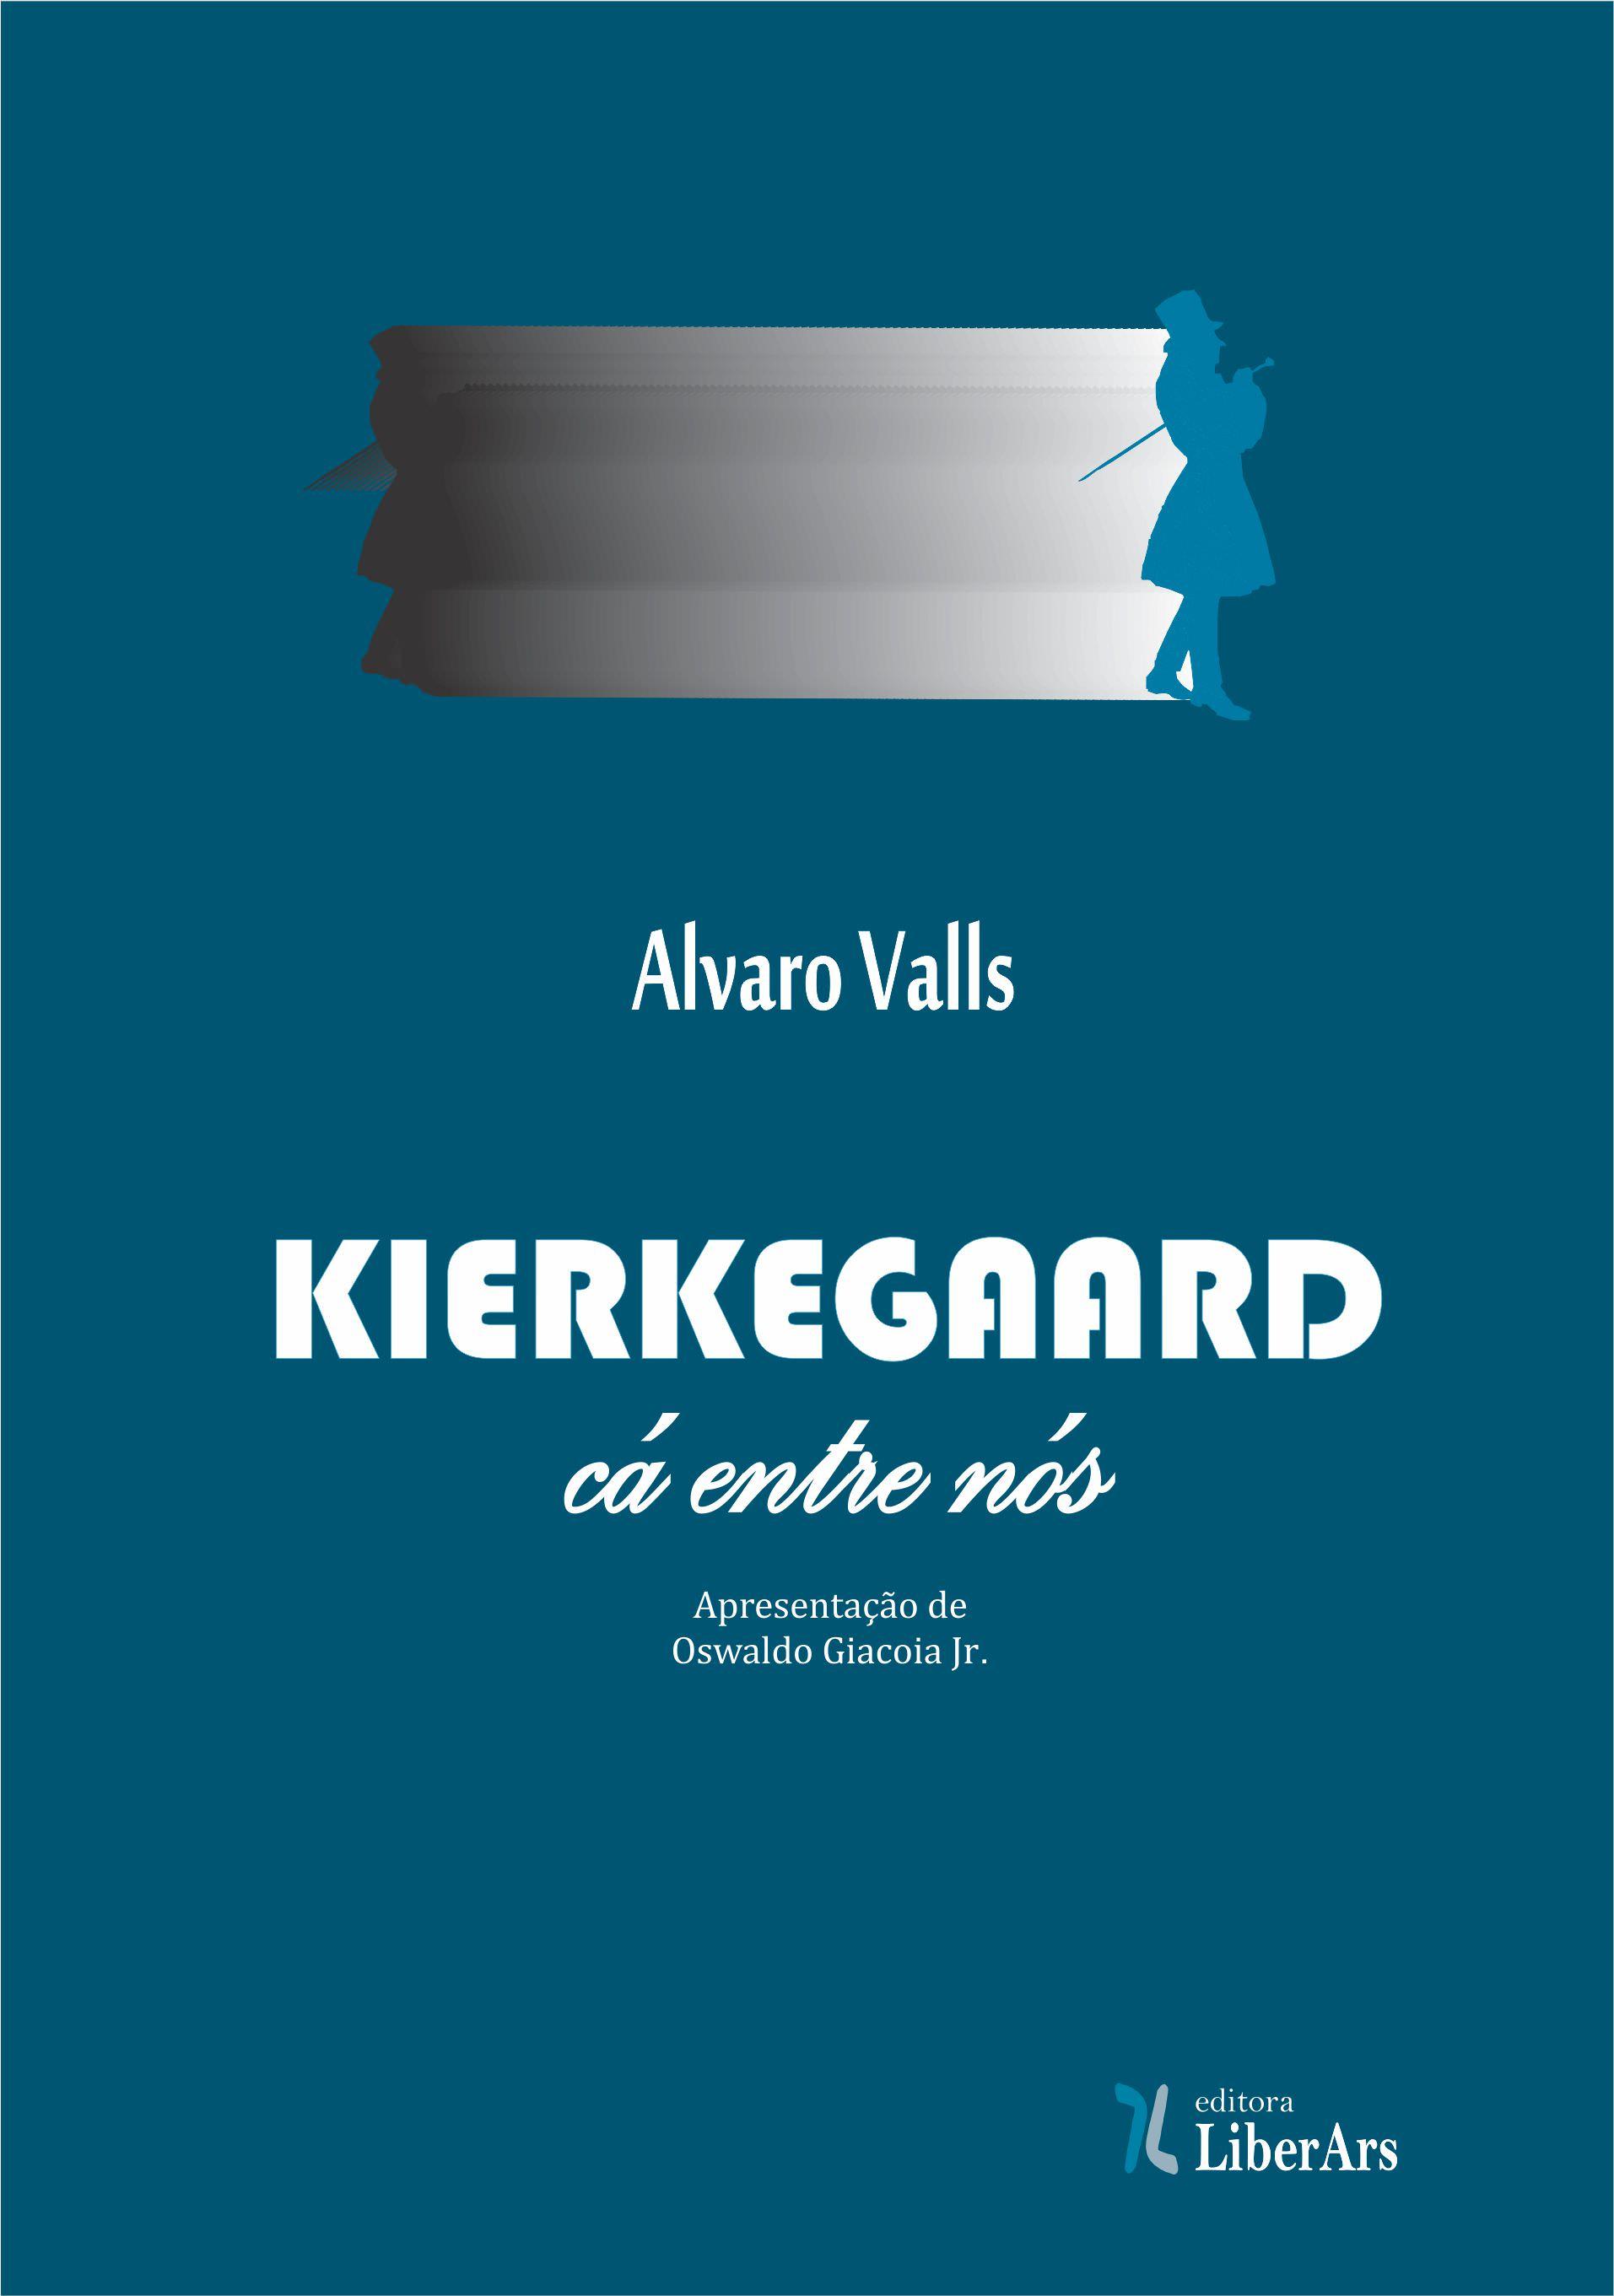 Kierkegaard, cá entre nós, livro de Alvaro Valls